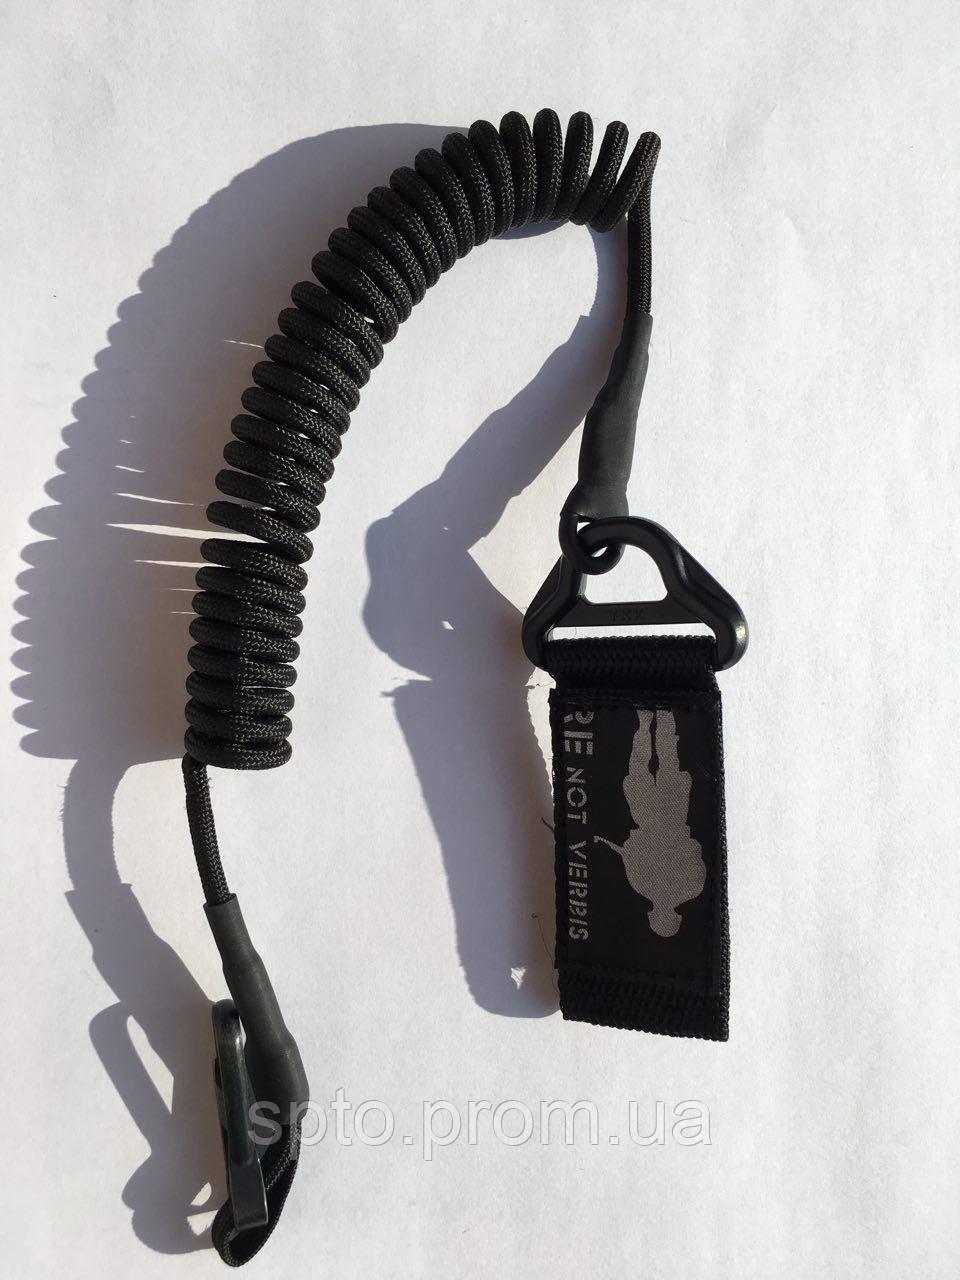 Шнур для пистолета с пружиной на липучке